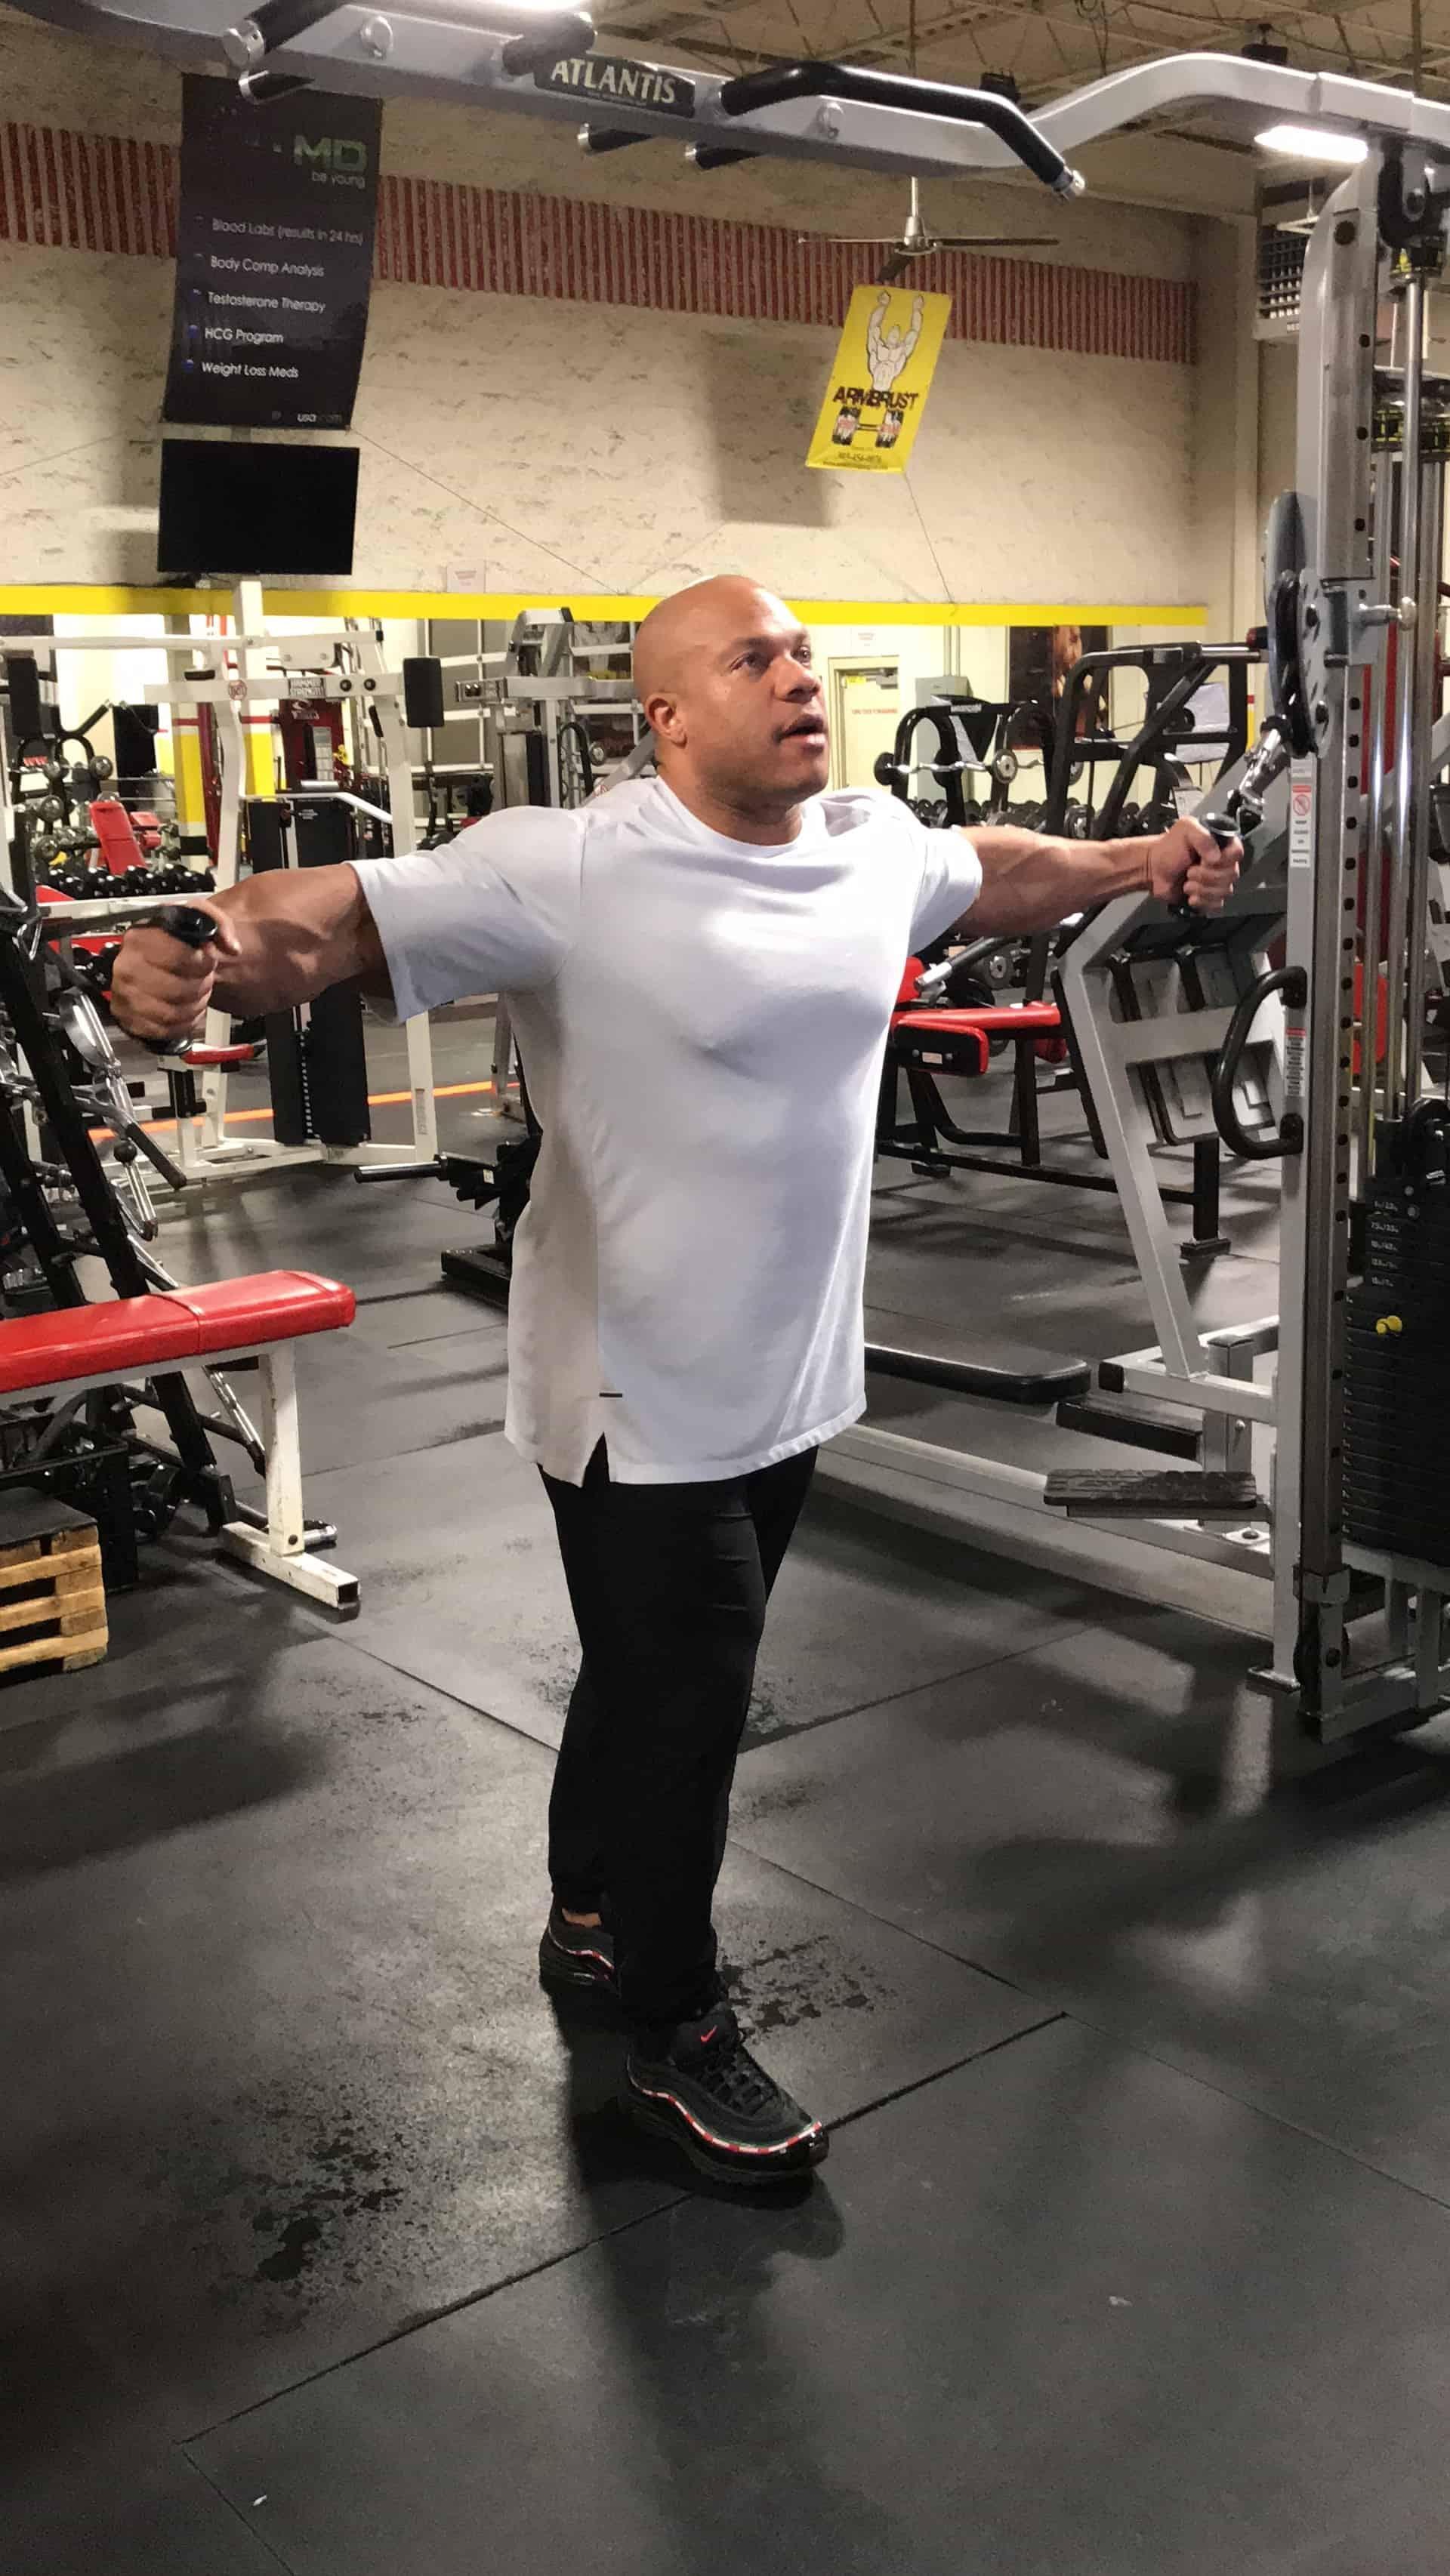 https://0201.nccdn.net/4_2/000/000/024/ec9/FitnessTraining-min-1920x3412.jpg